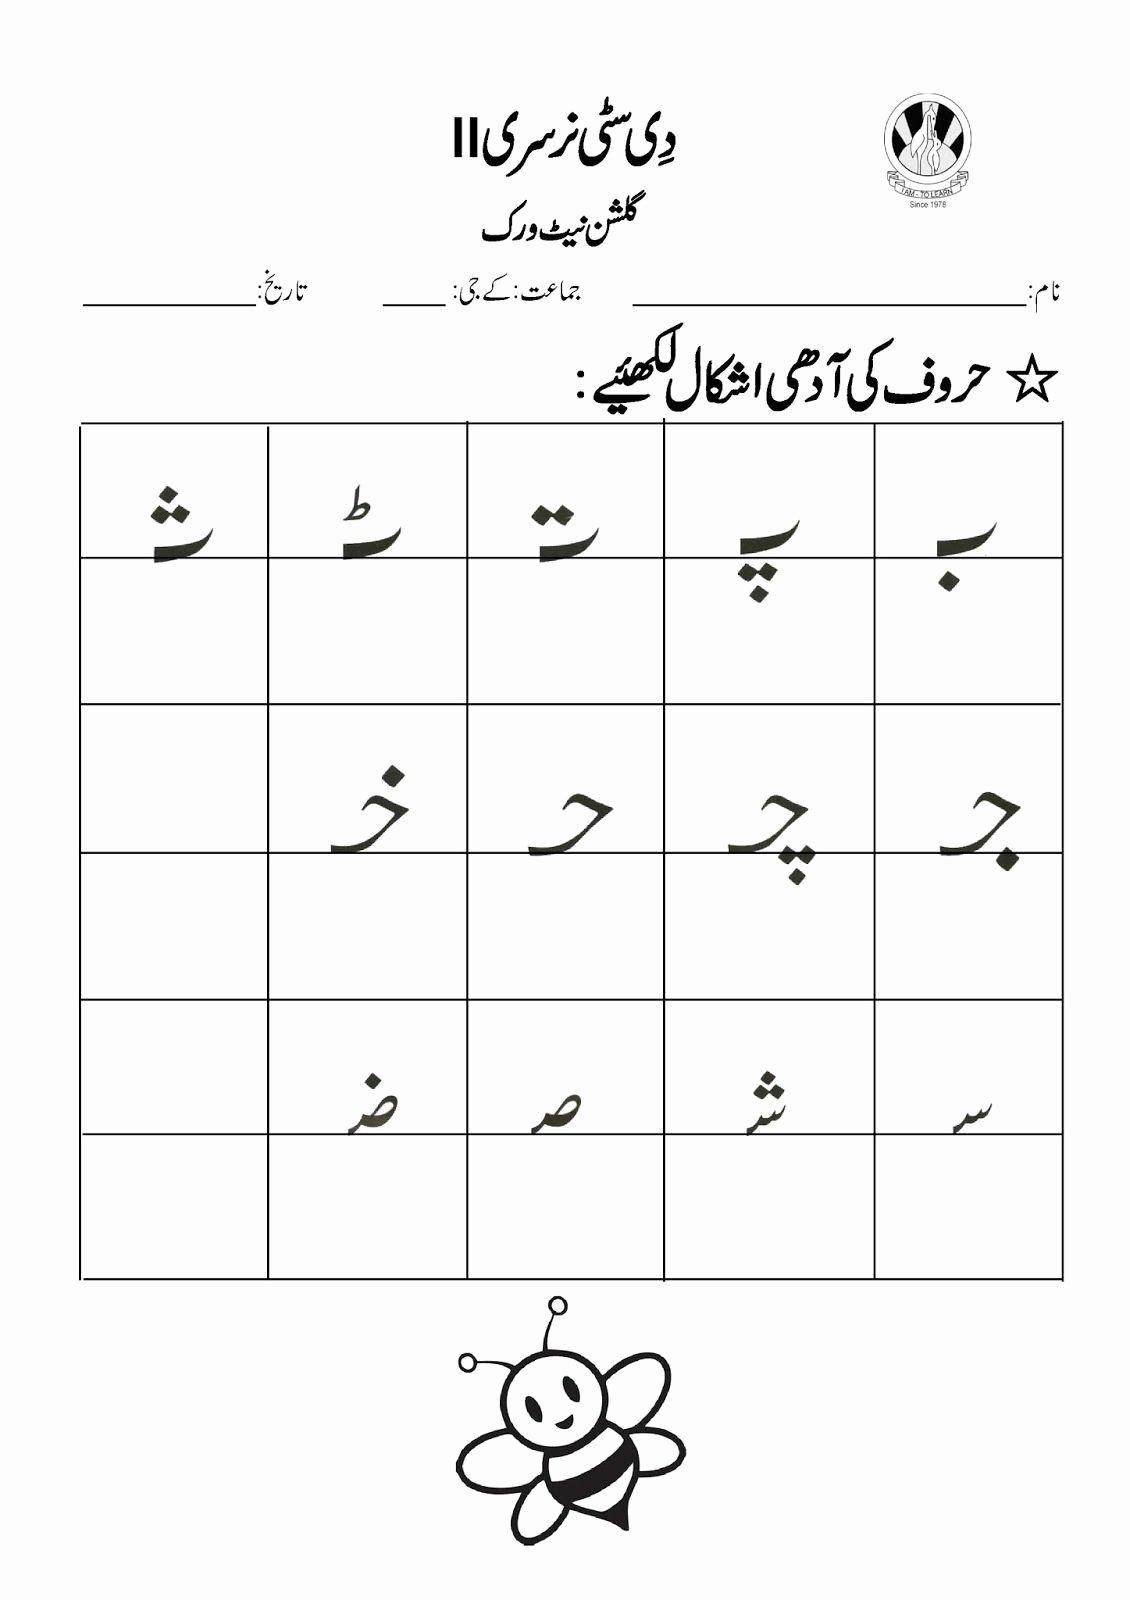 Urdu Worksheets For Preschoolers